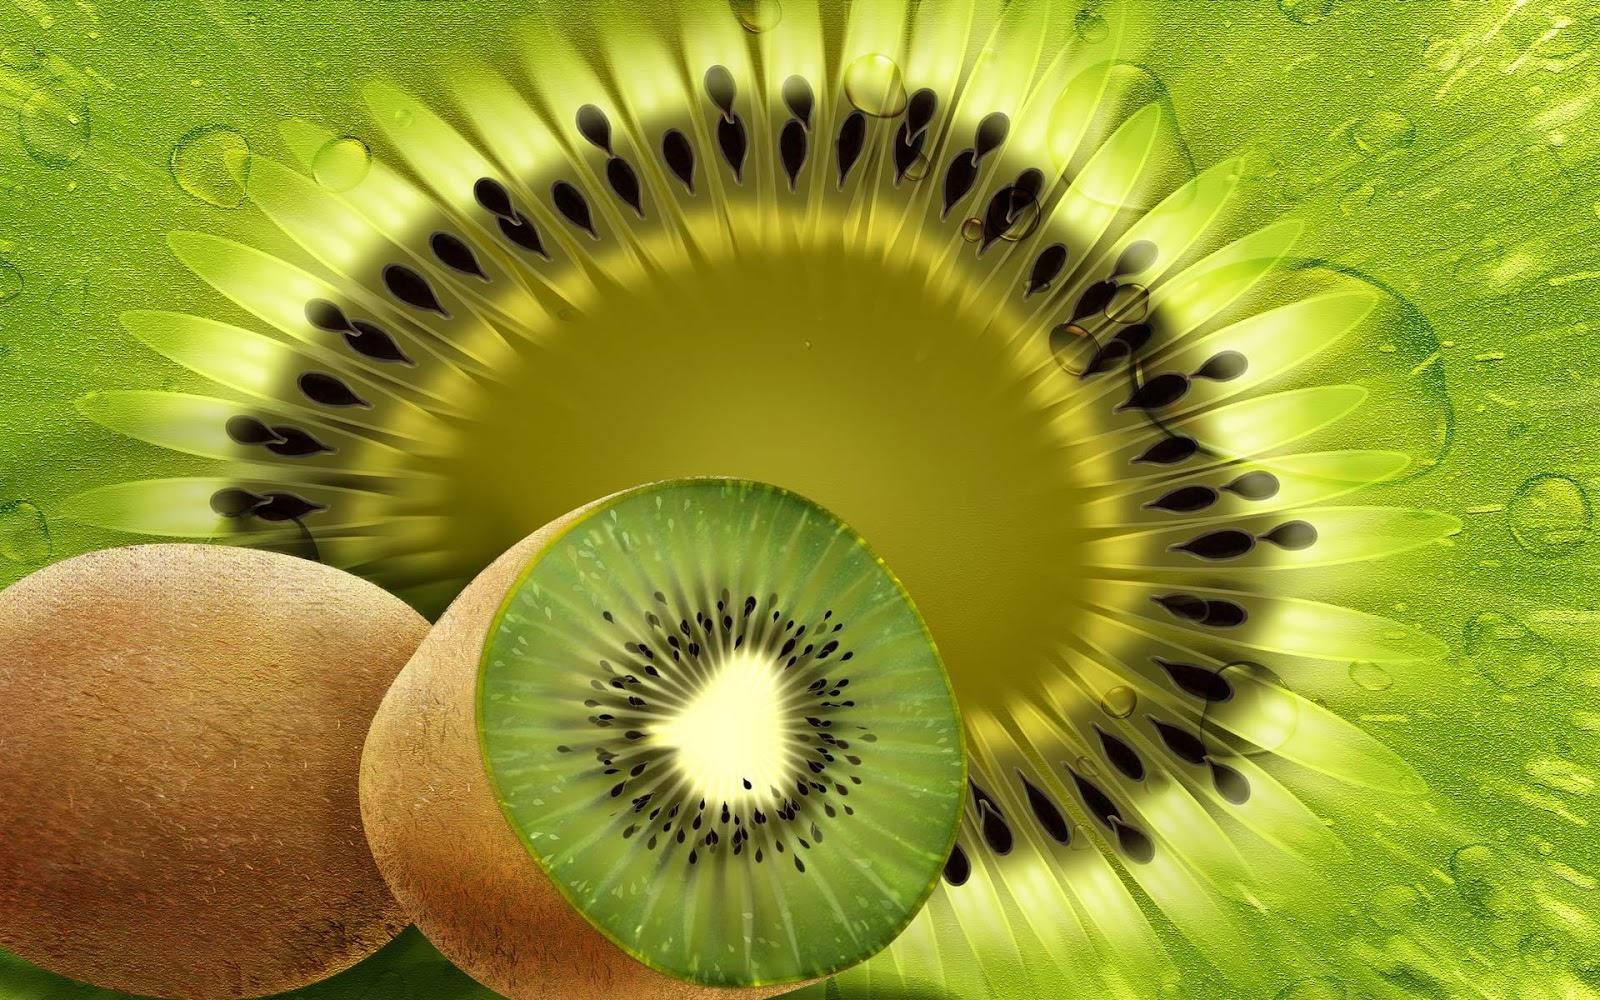 Manfaat-Buah-Kiwi-Untuk-Kesehatan,-Ibu-Hamil-dan-Diet